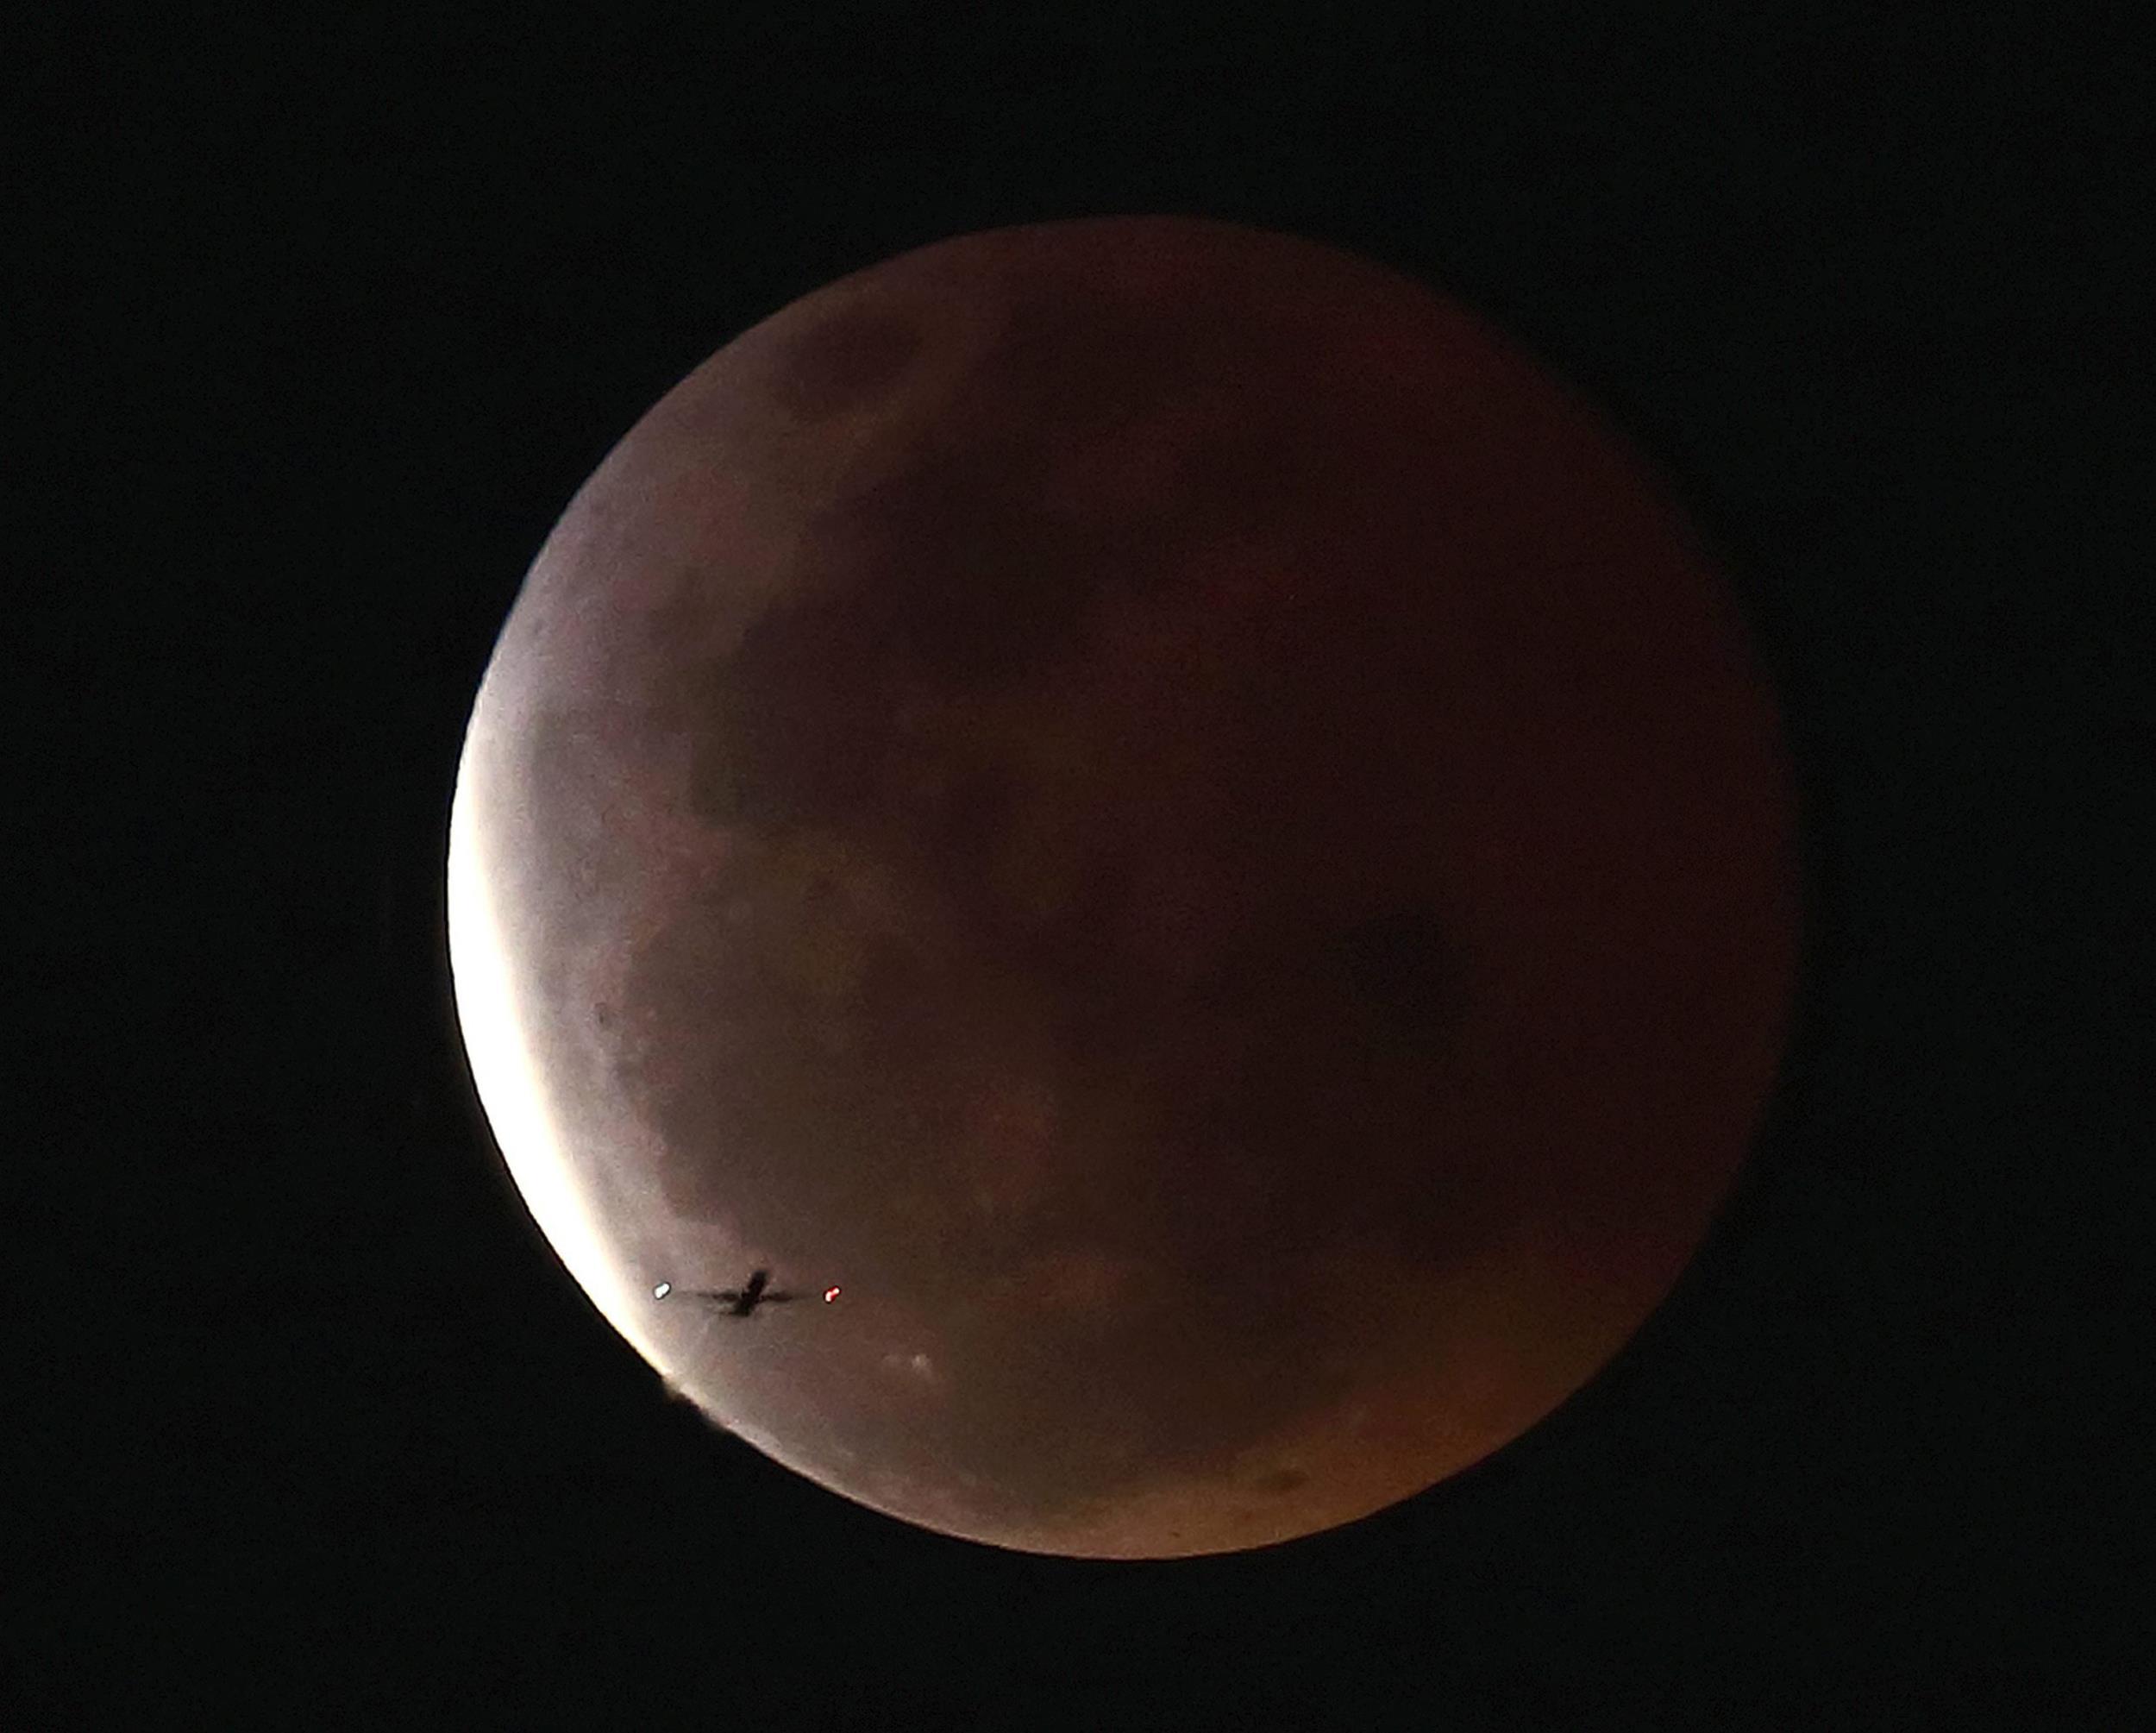 Image: Lunar eclipse in Thailand